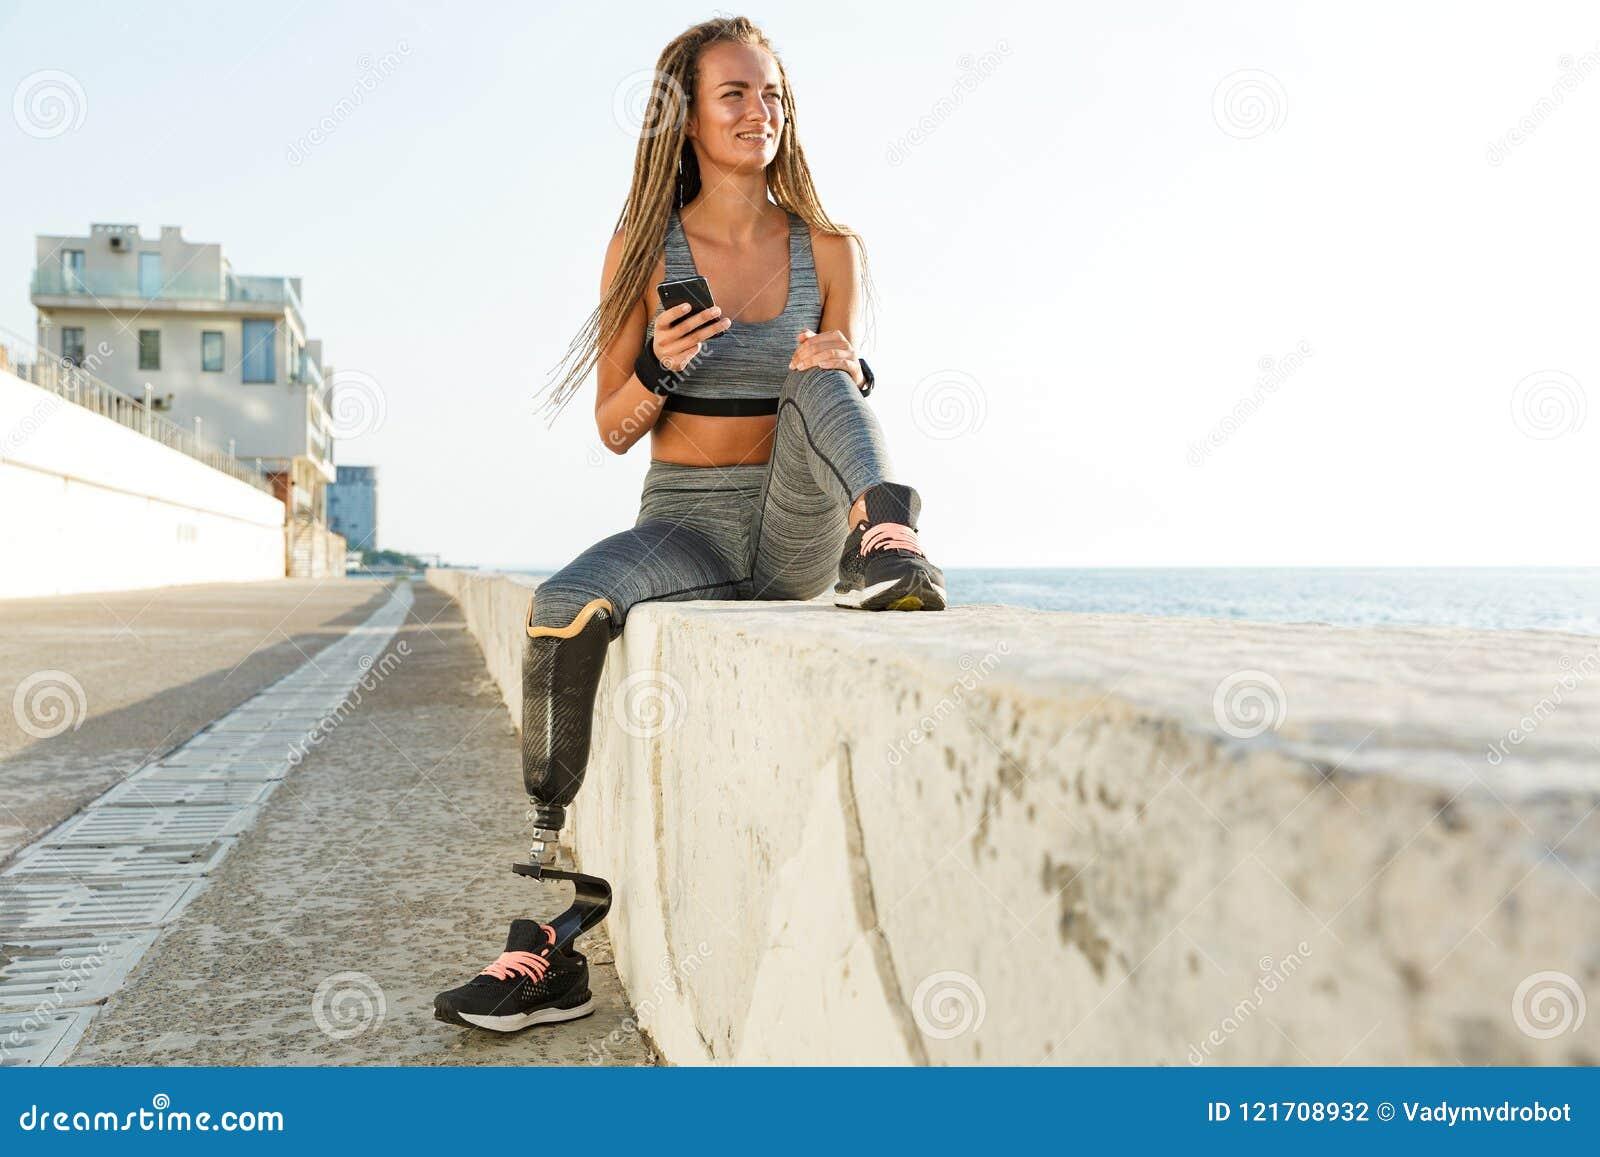 Lycklig rörelsehindrad idrottsman nenkvinna med det prosthetic benet